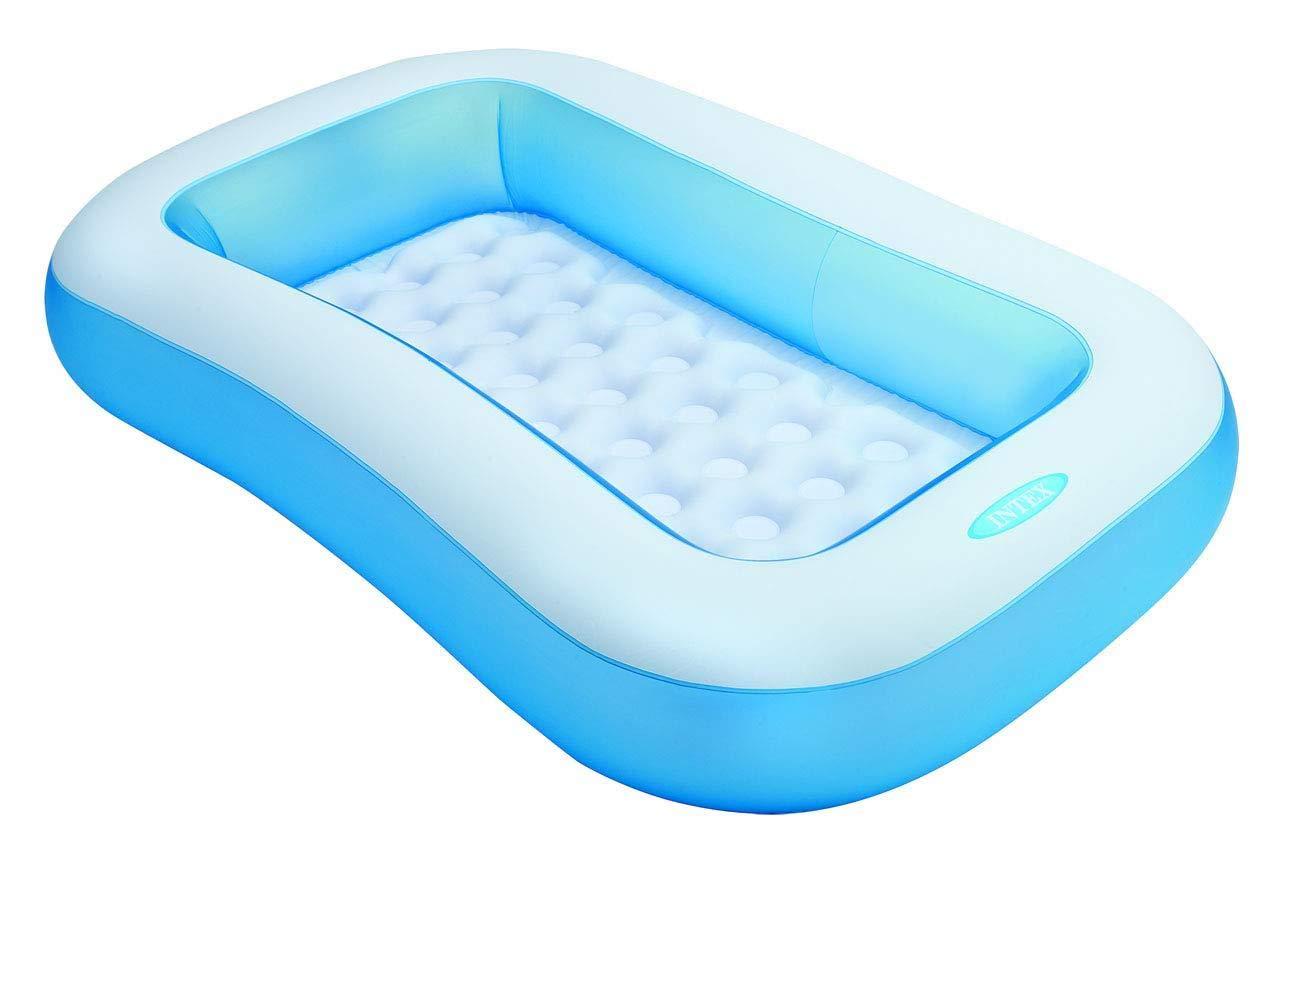 Intex Piscina para bebés Pequeña piscina para niños Piscina rectangular 166 x 100 x 28 cm: Amazon.es: Jardín